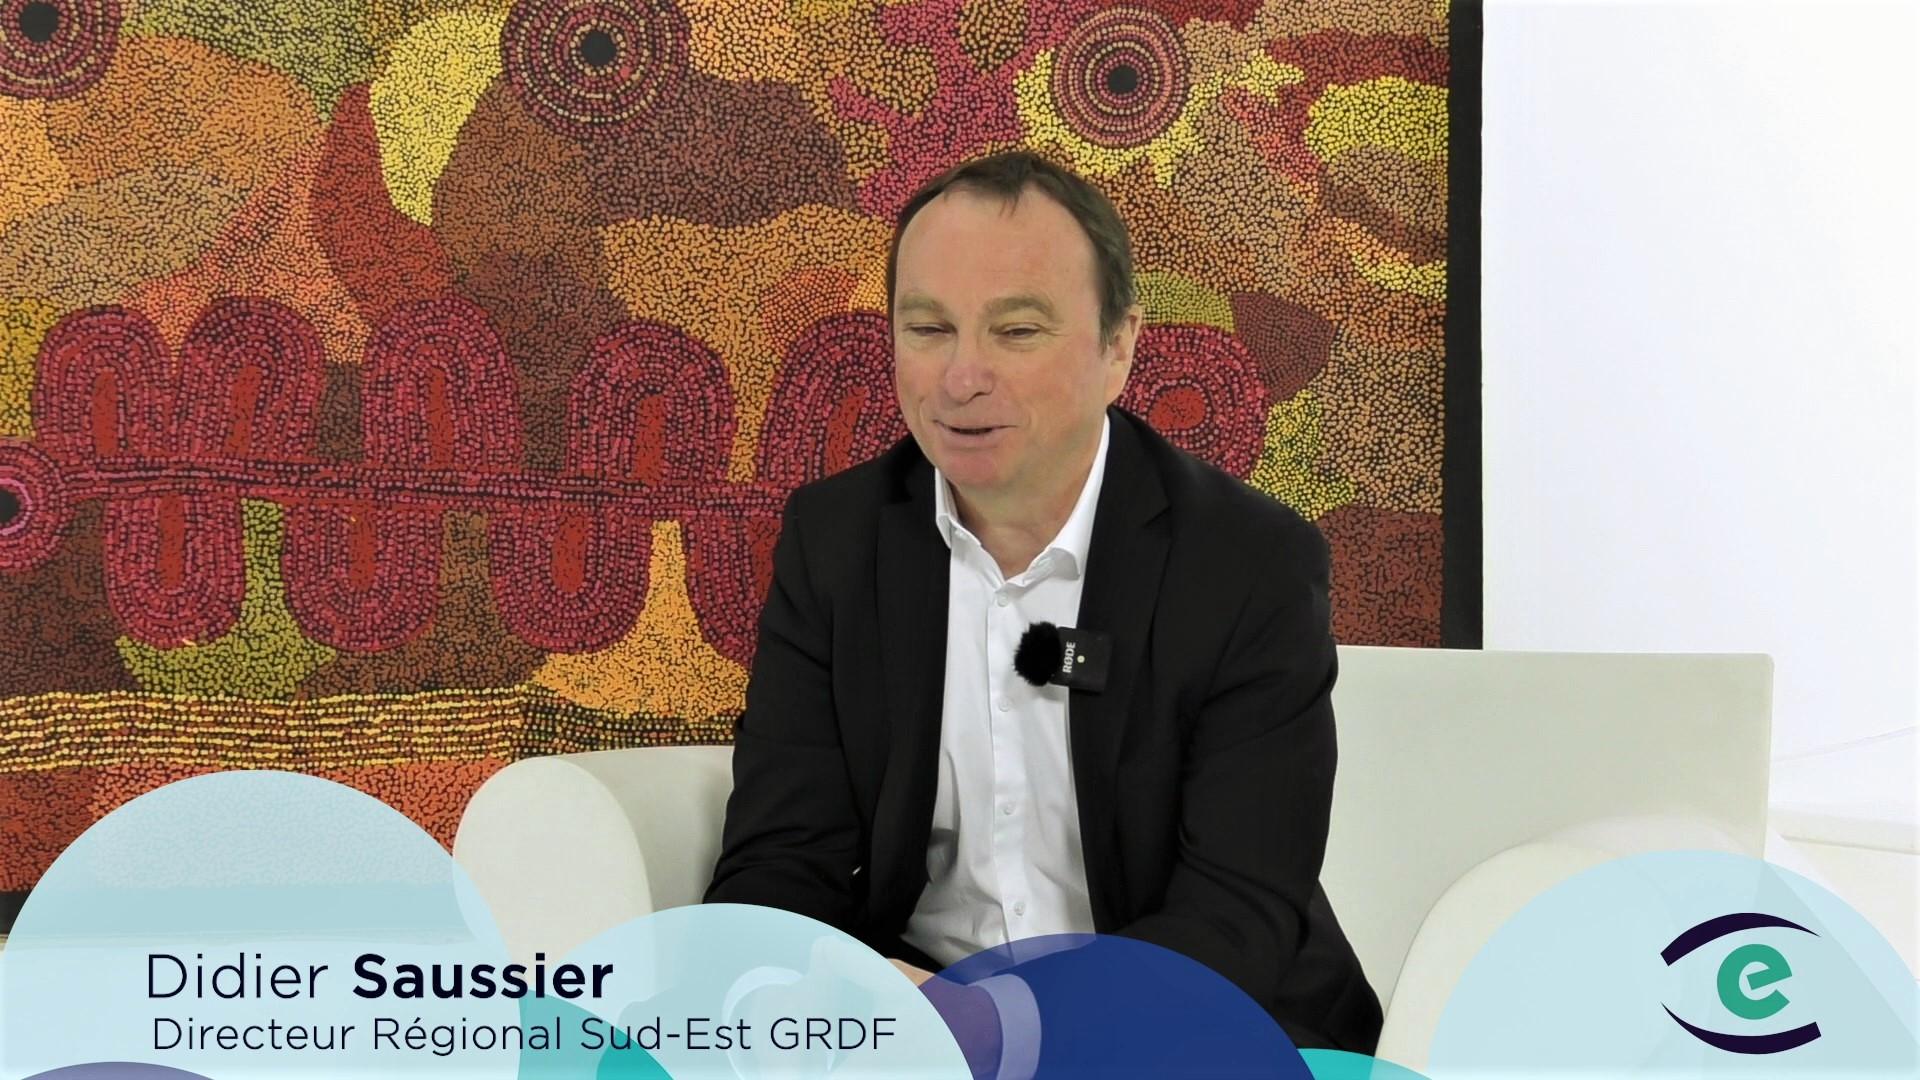 La transition vers les gaz verts est en route – Didier Saussier, Directeur régional Sud-Est GRDF